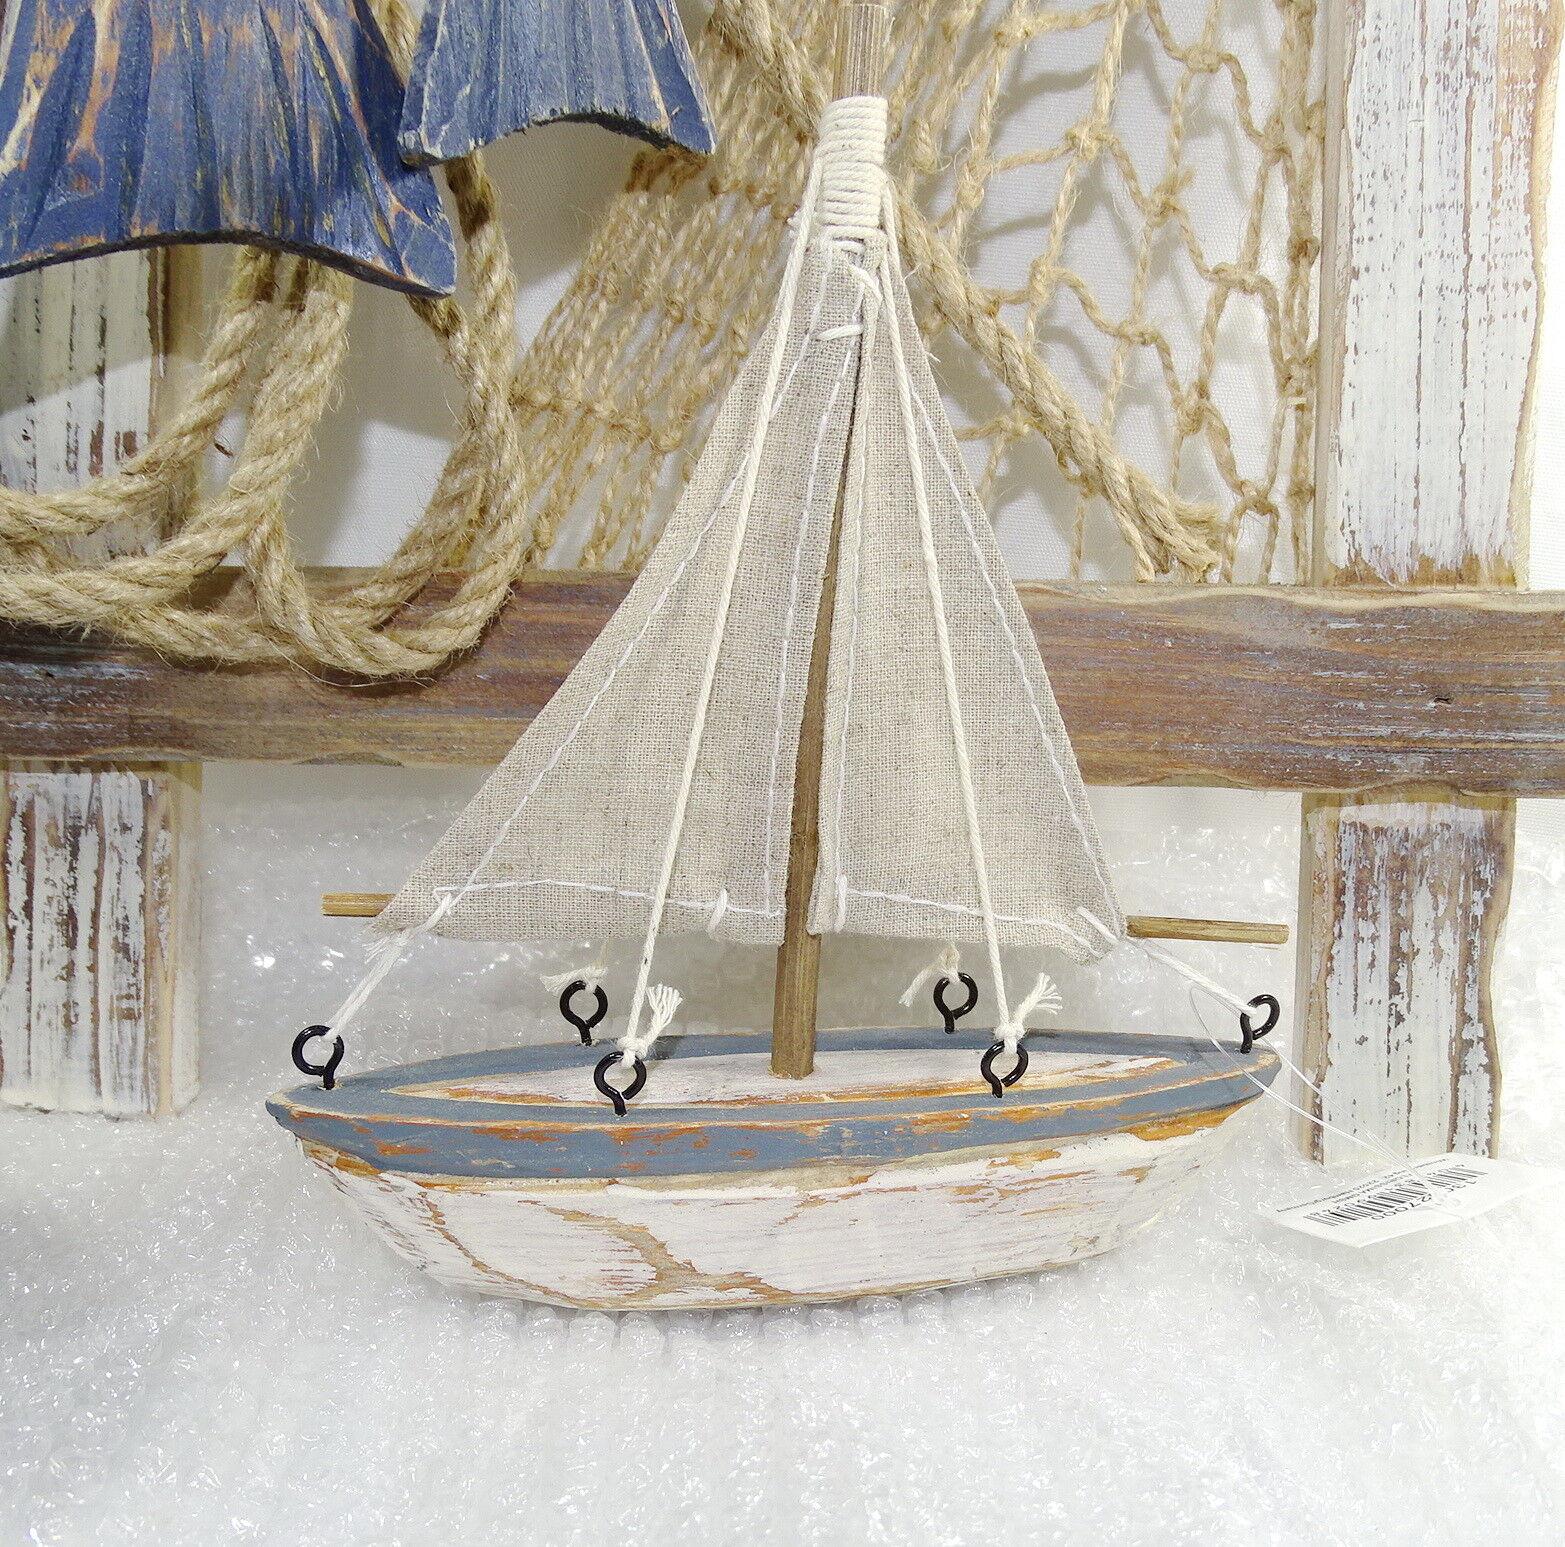 Deko-Segelboot 14/16 cm Holz Struktur maritim Shabby Sommer Schiff Boot